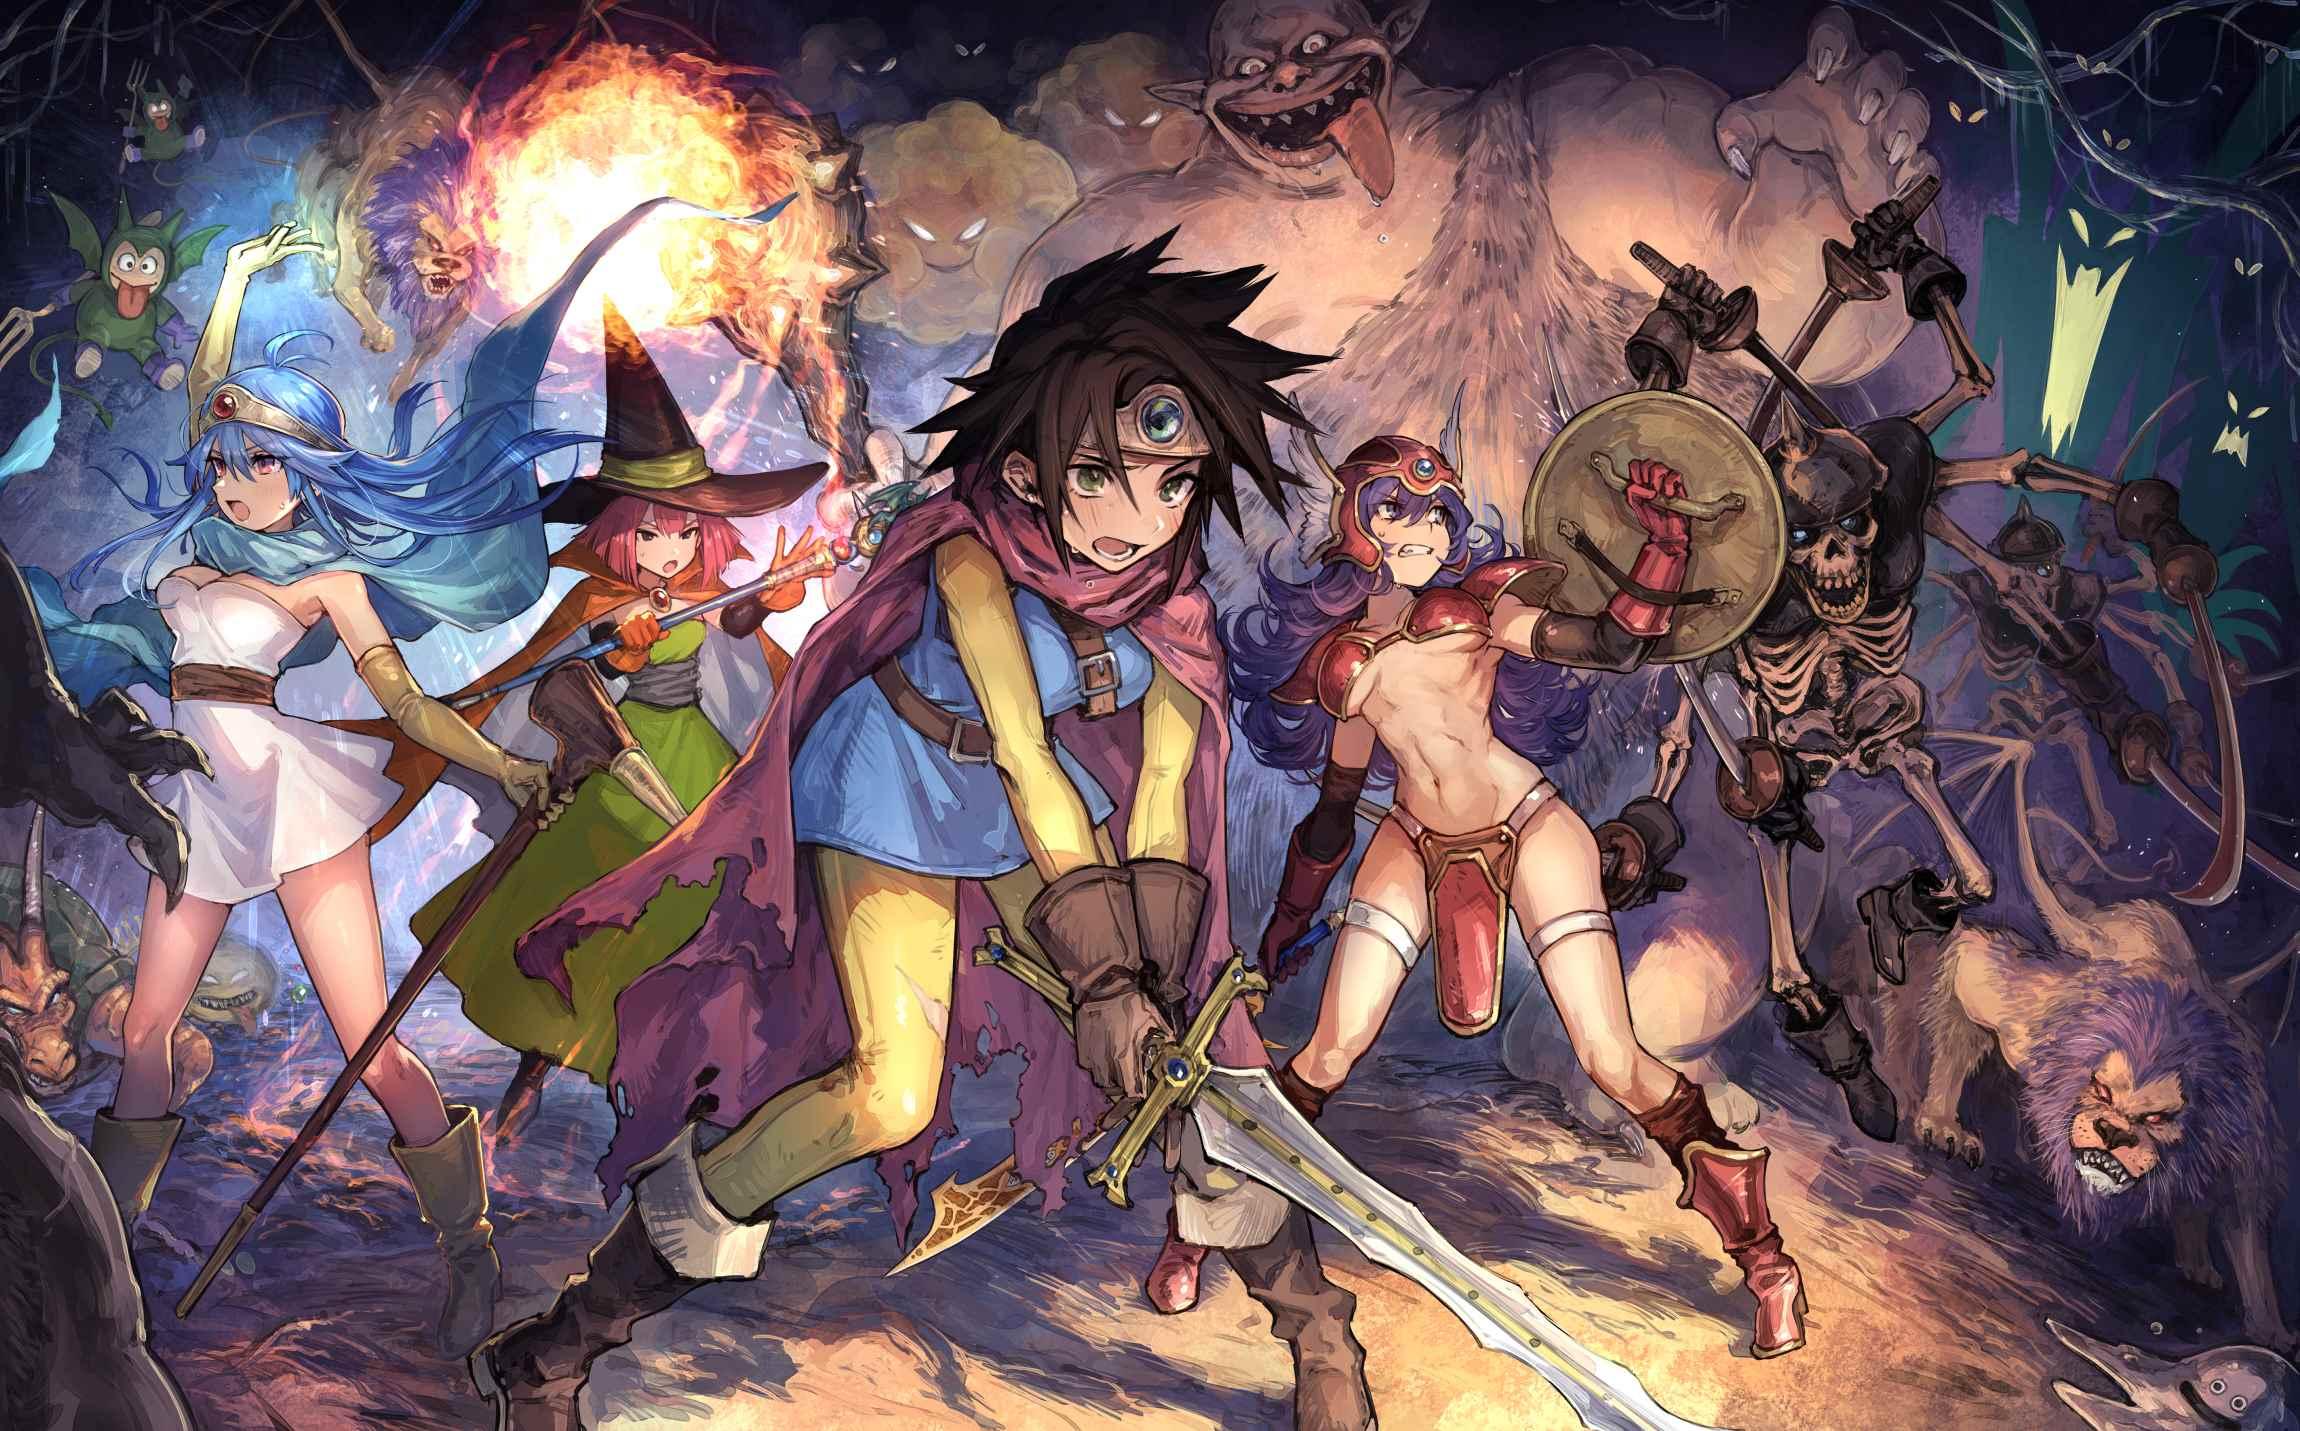 Картинка из аниме Квест дракона, Приключения Дая (1)